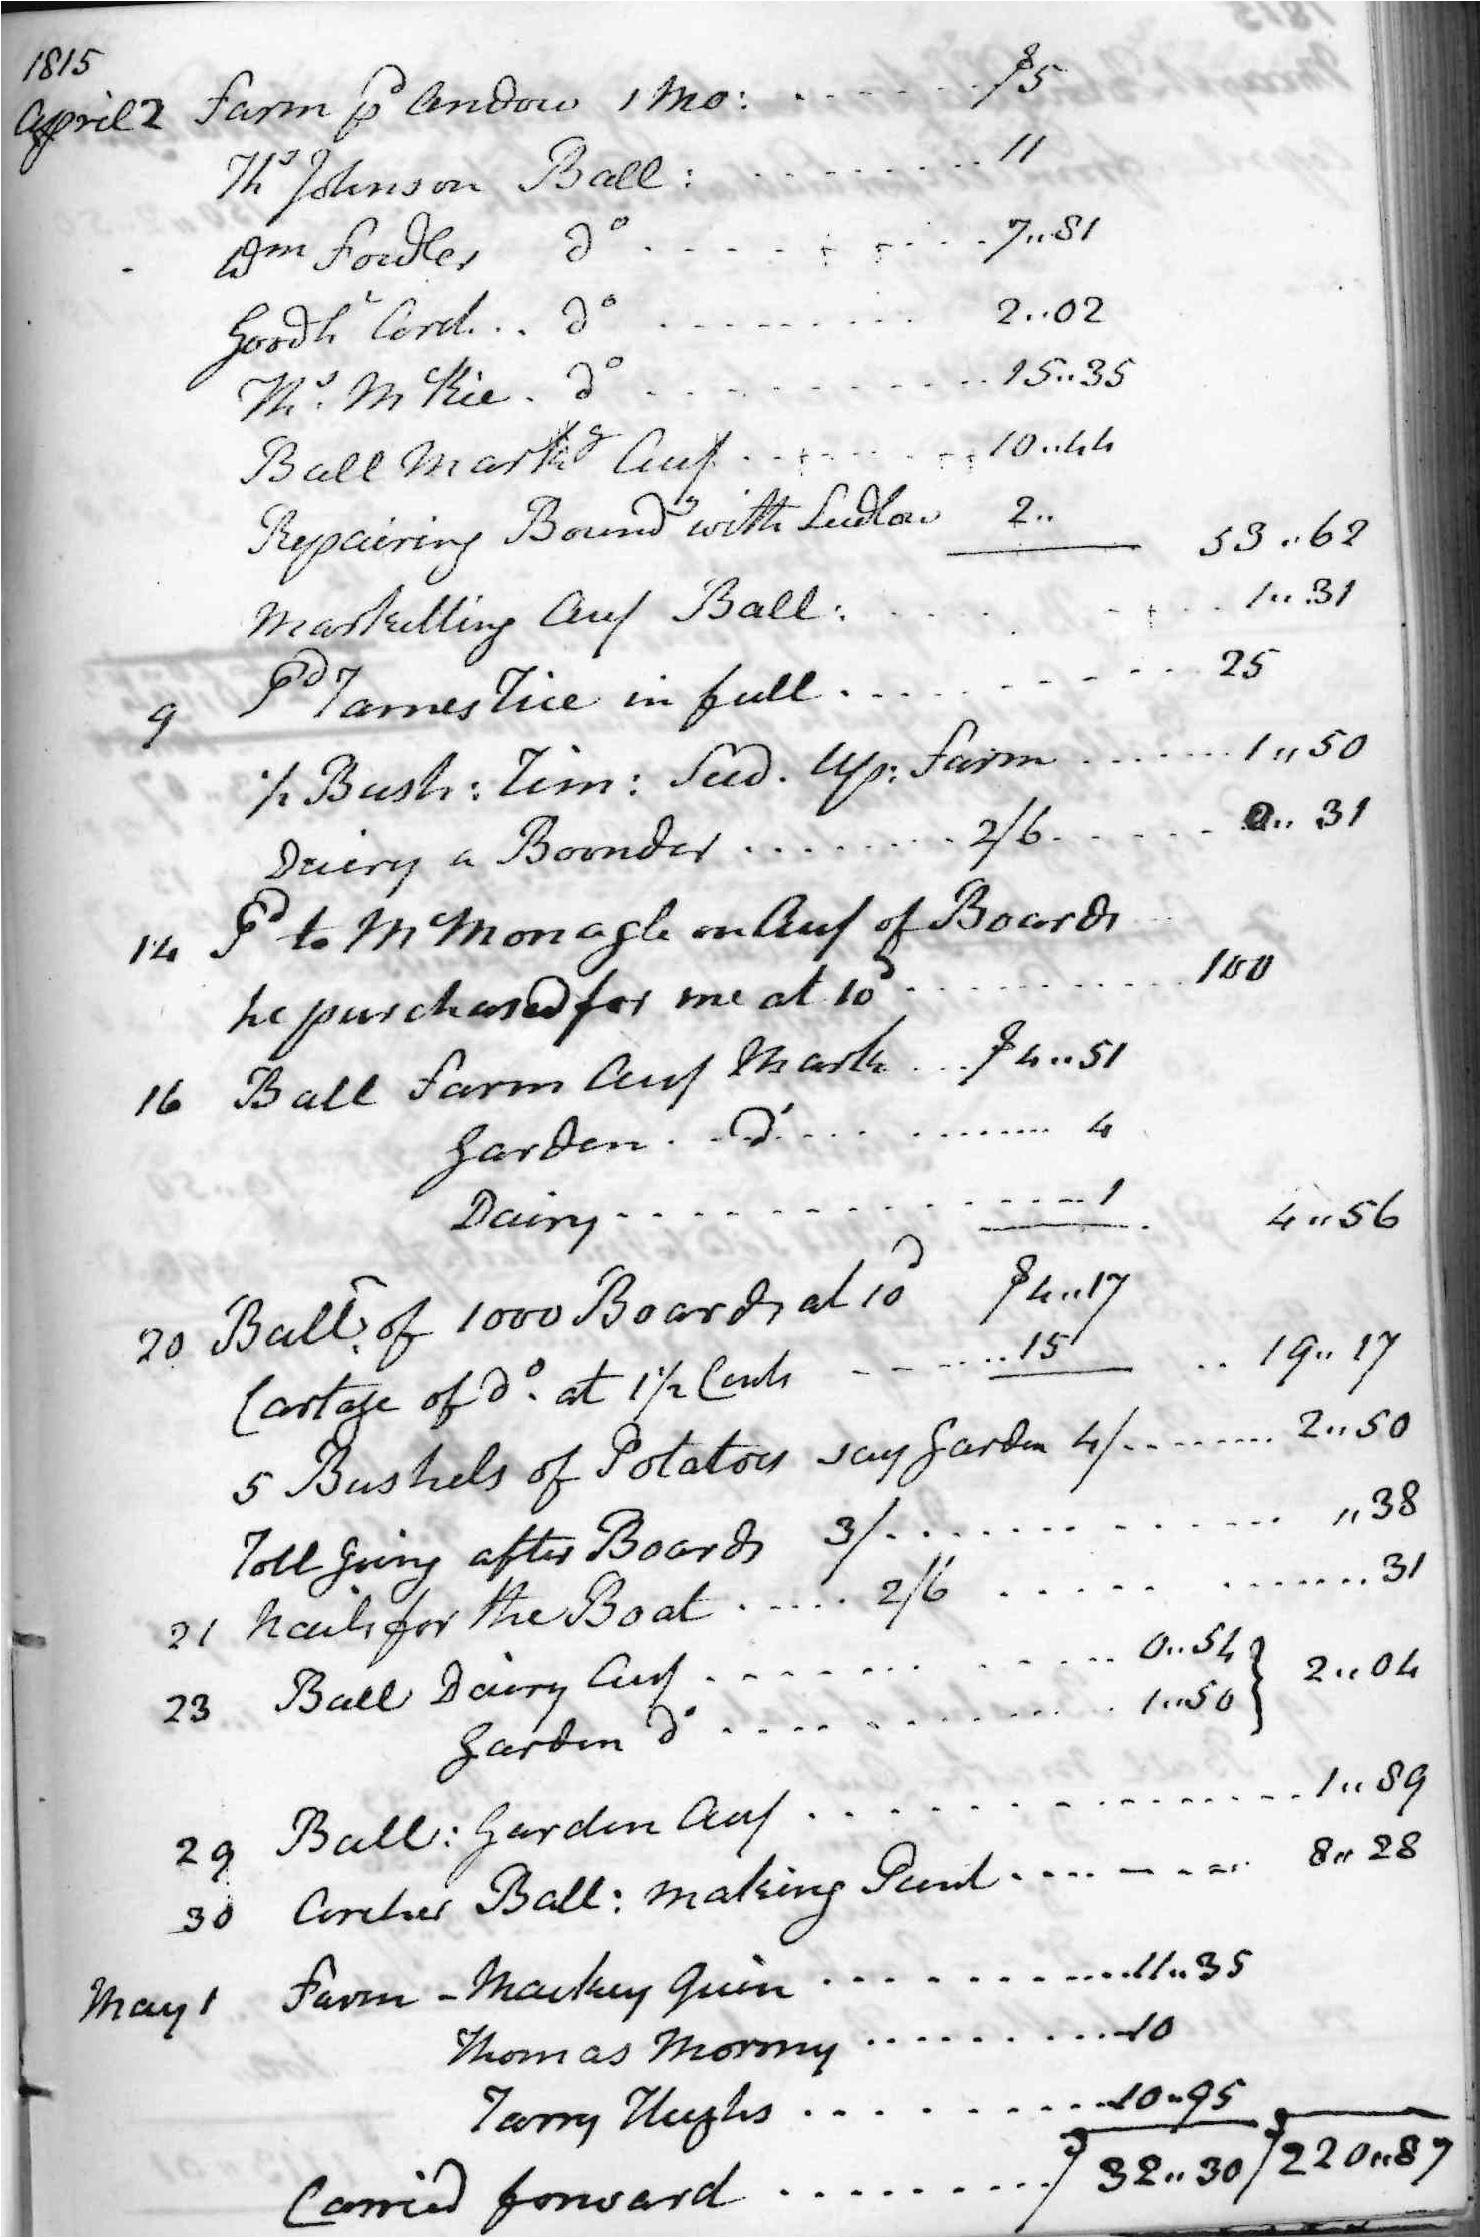 Gouverneur Morris Cash Book, folio 40, right side